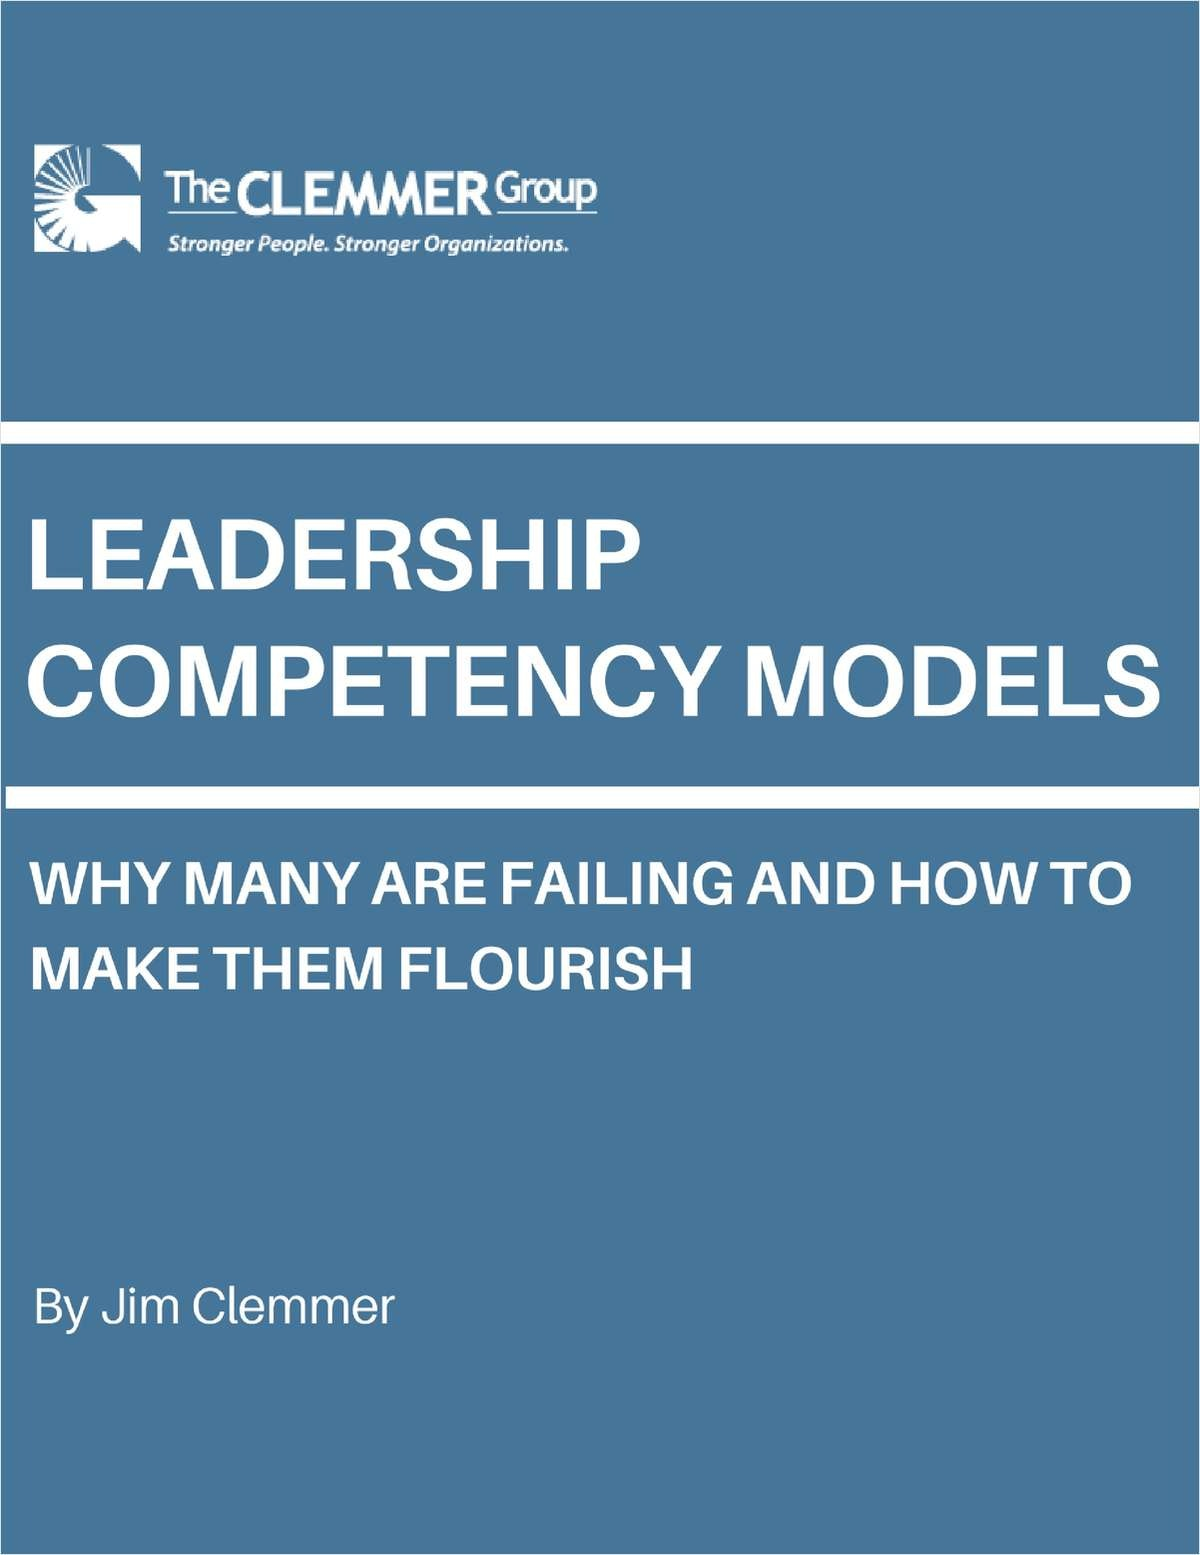 Leadership Competency Models